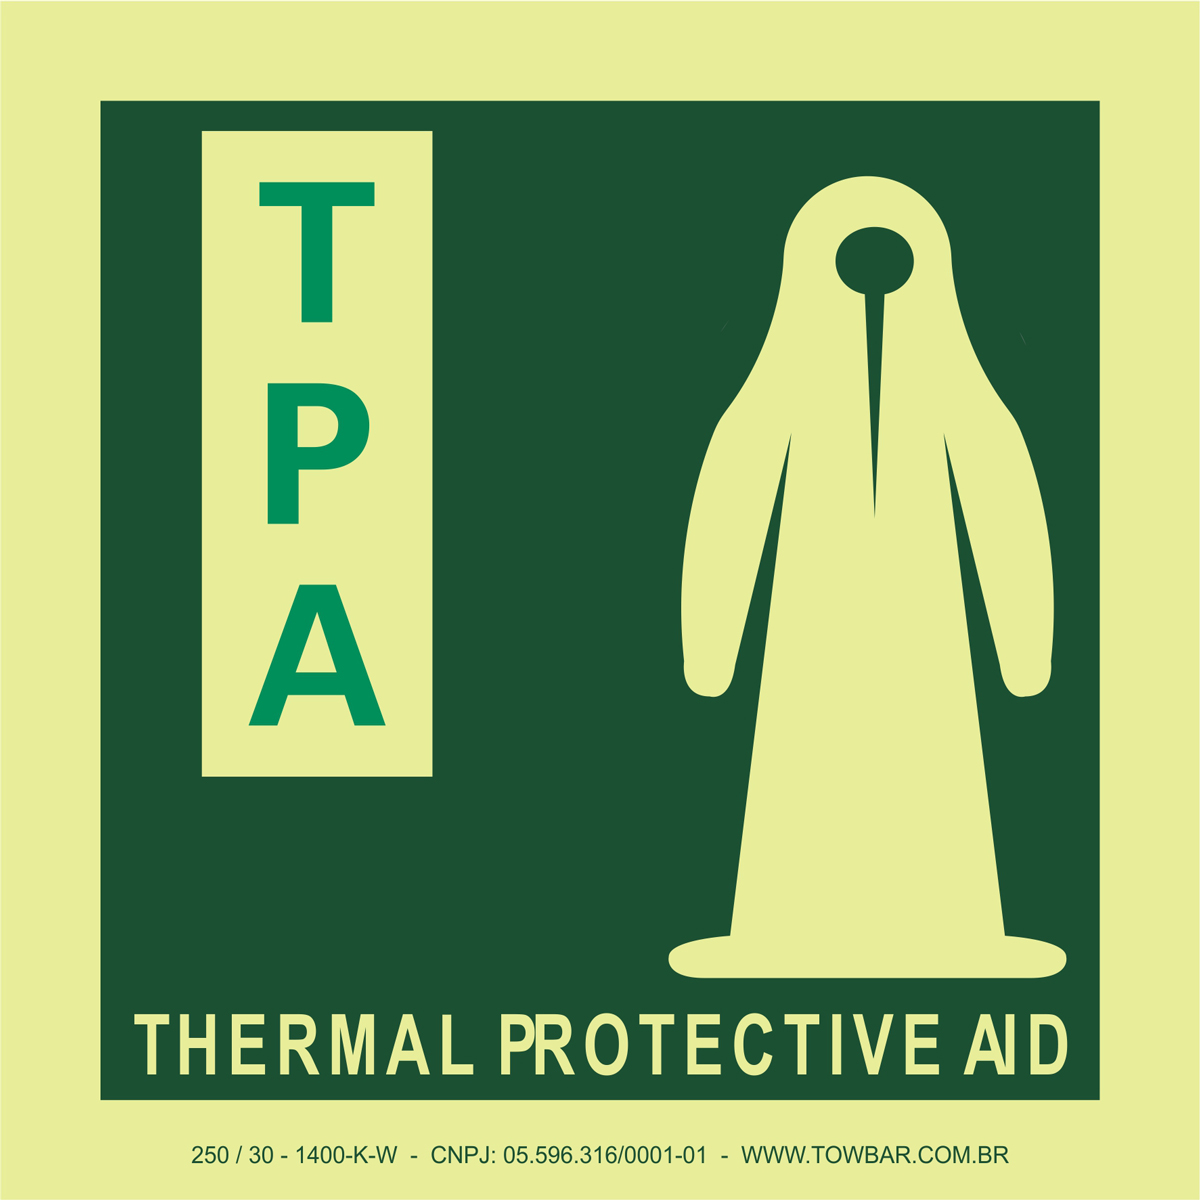 Thermal Protective Aid - TPA  - Towbar Sinalização de Segurança